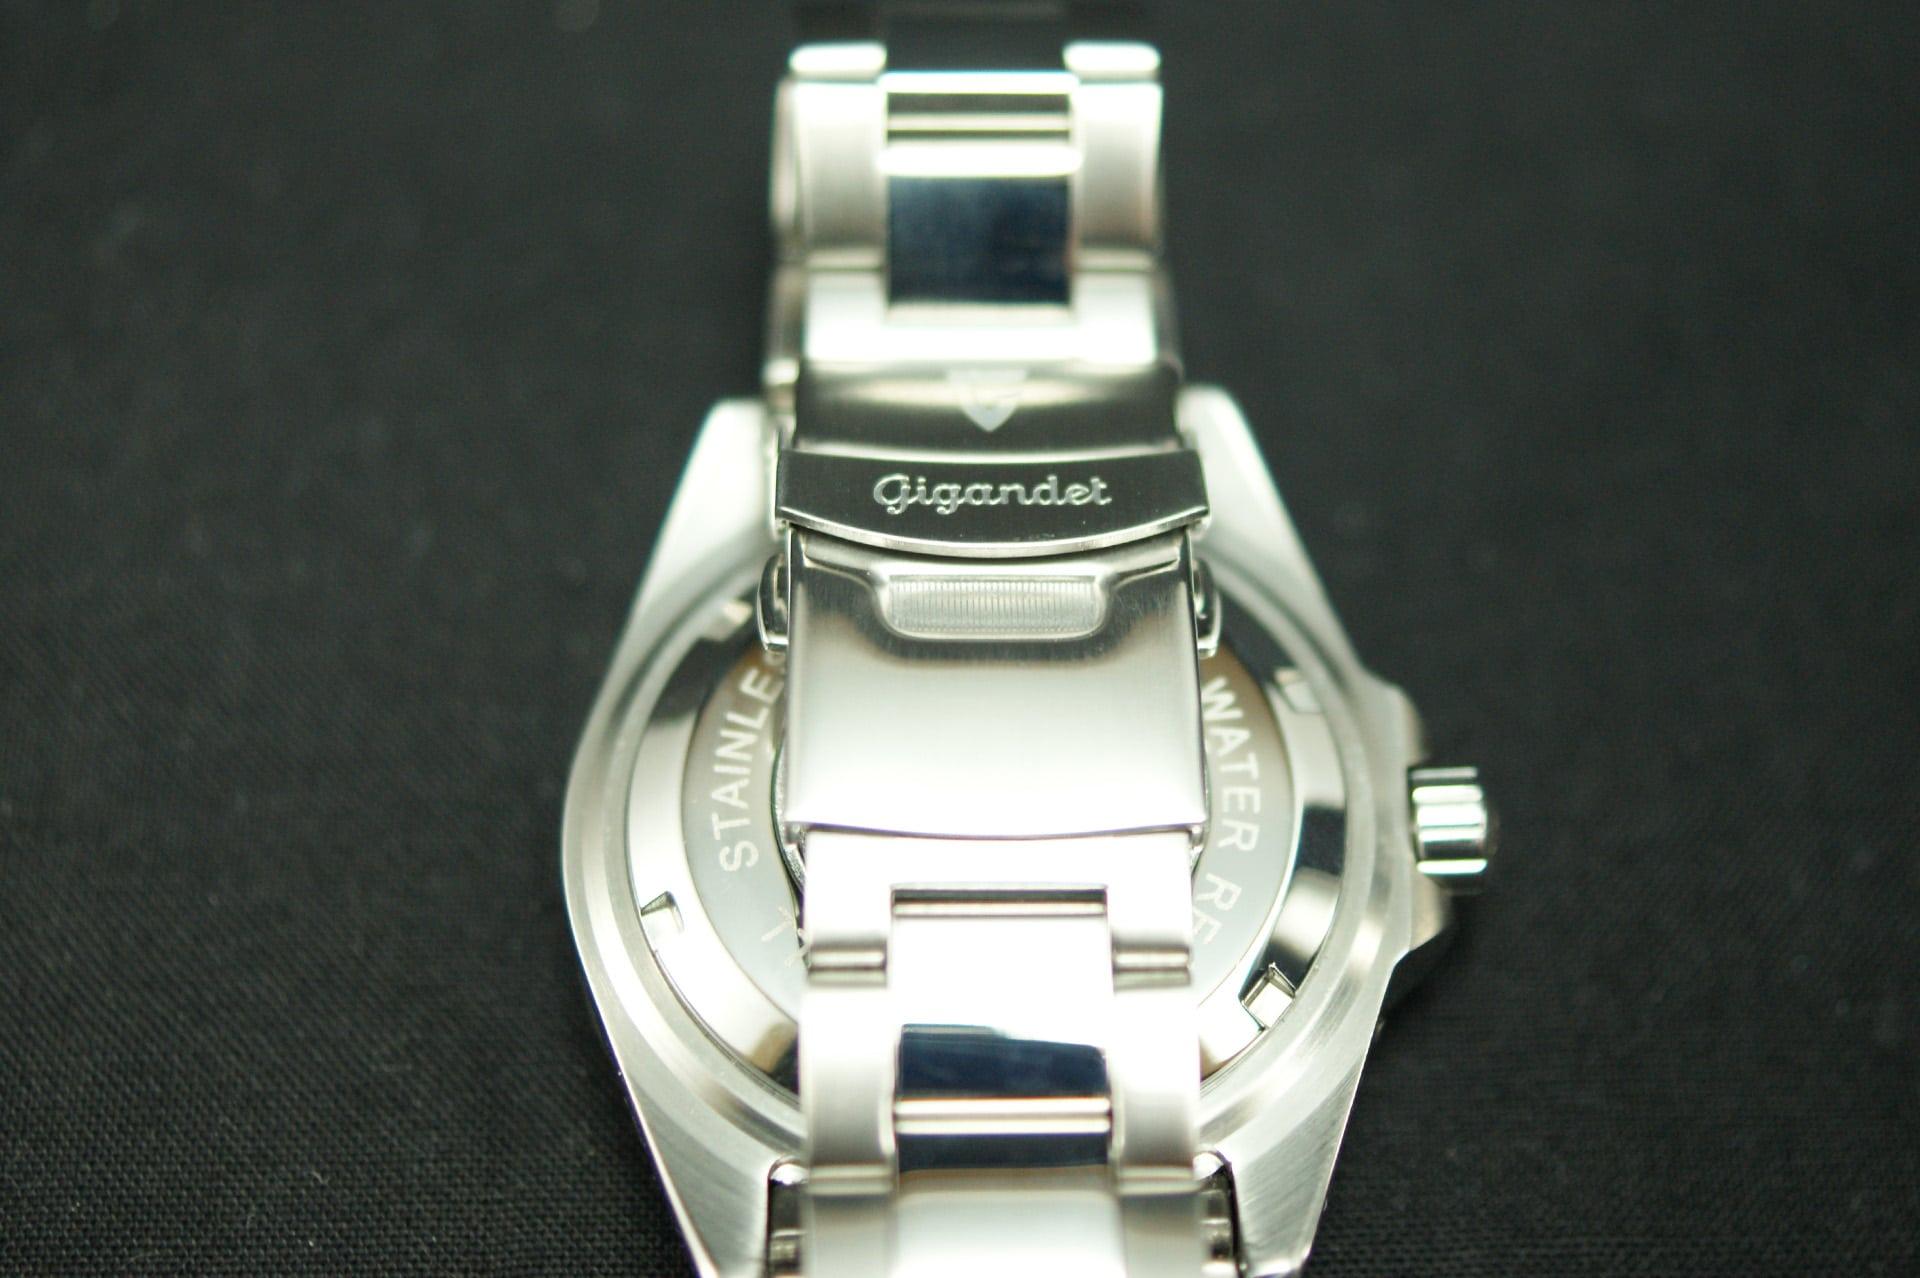 Das Armband der Gigandet Sea Ground G2-002 besteht aus Edelstahl und ist aus Gliedern zusammengesetzt. Somit kann man es ganz individuell verlängern oder verkürzen.